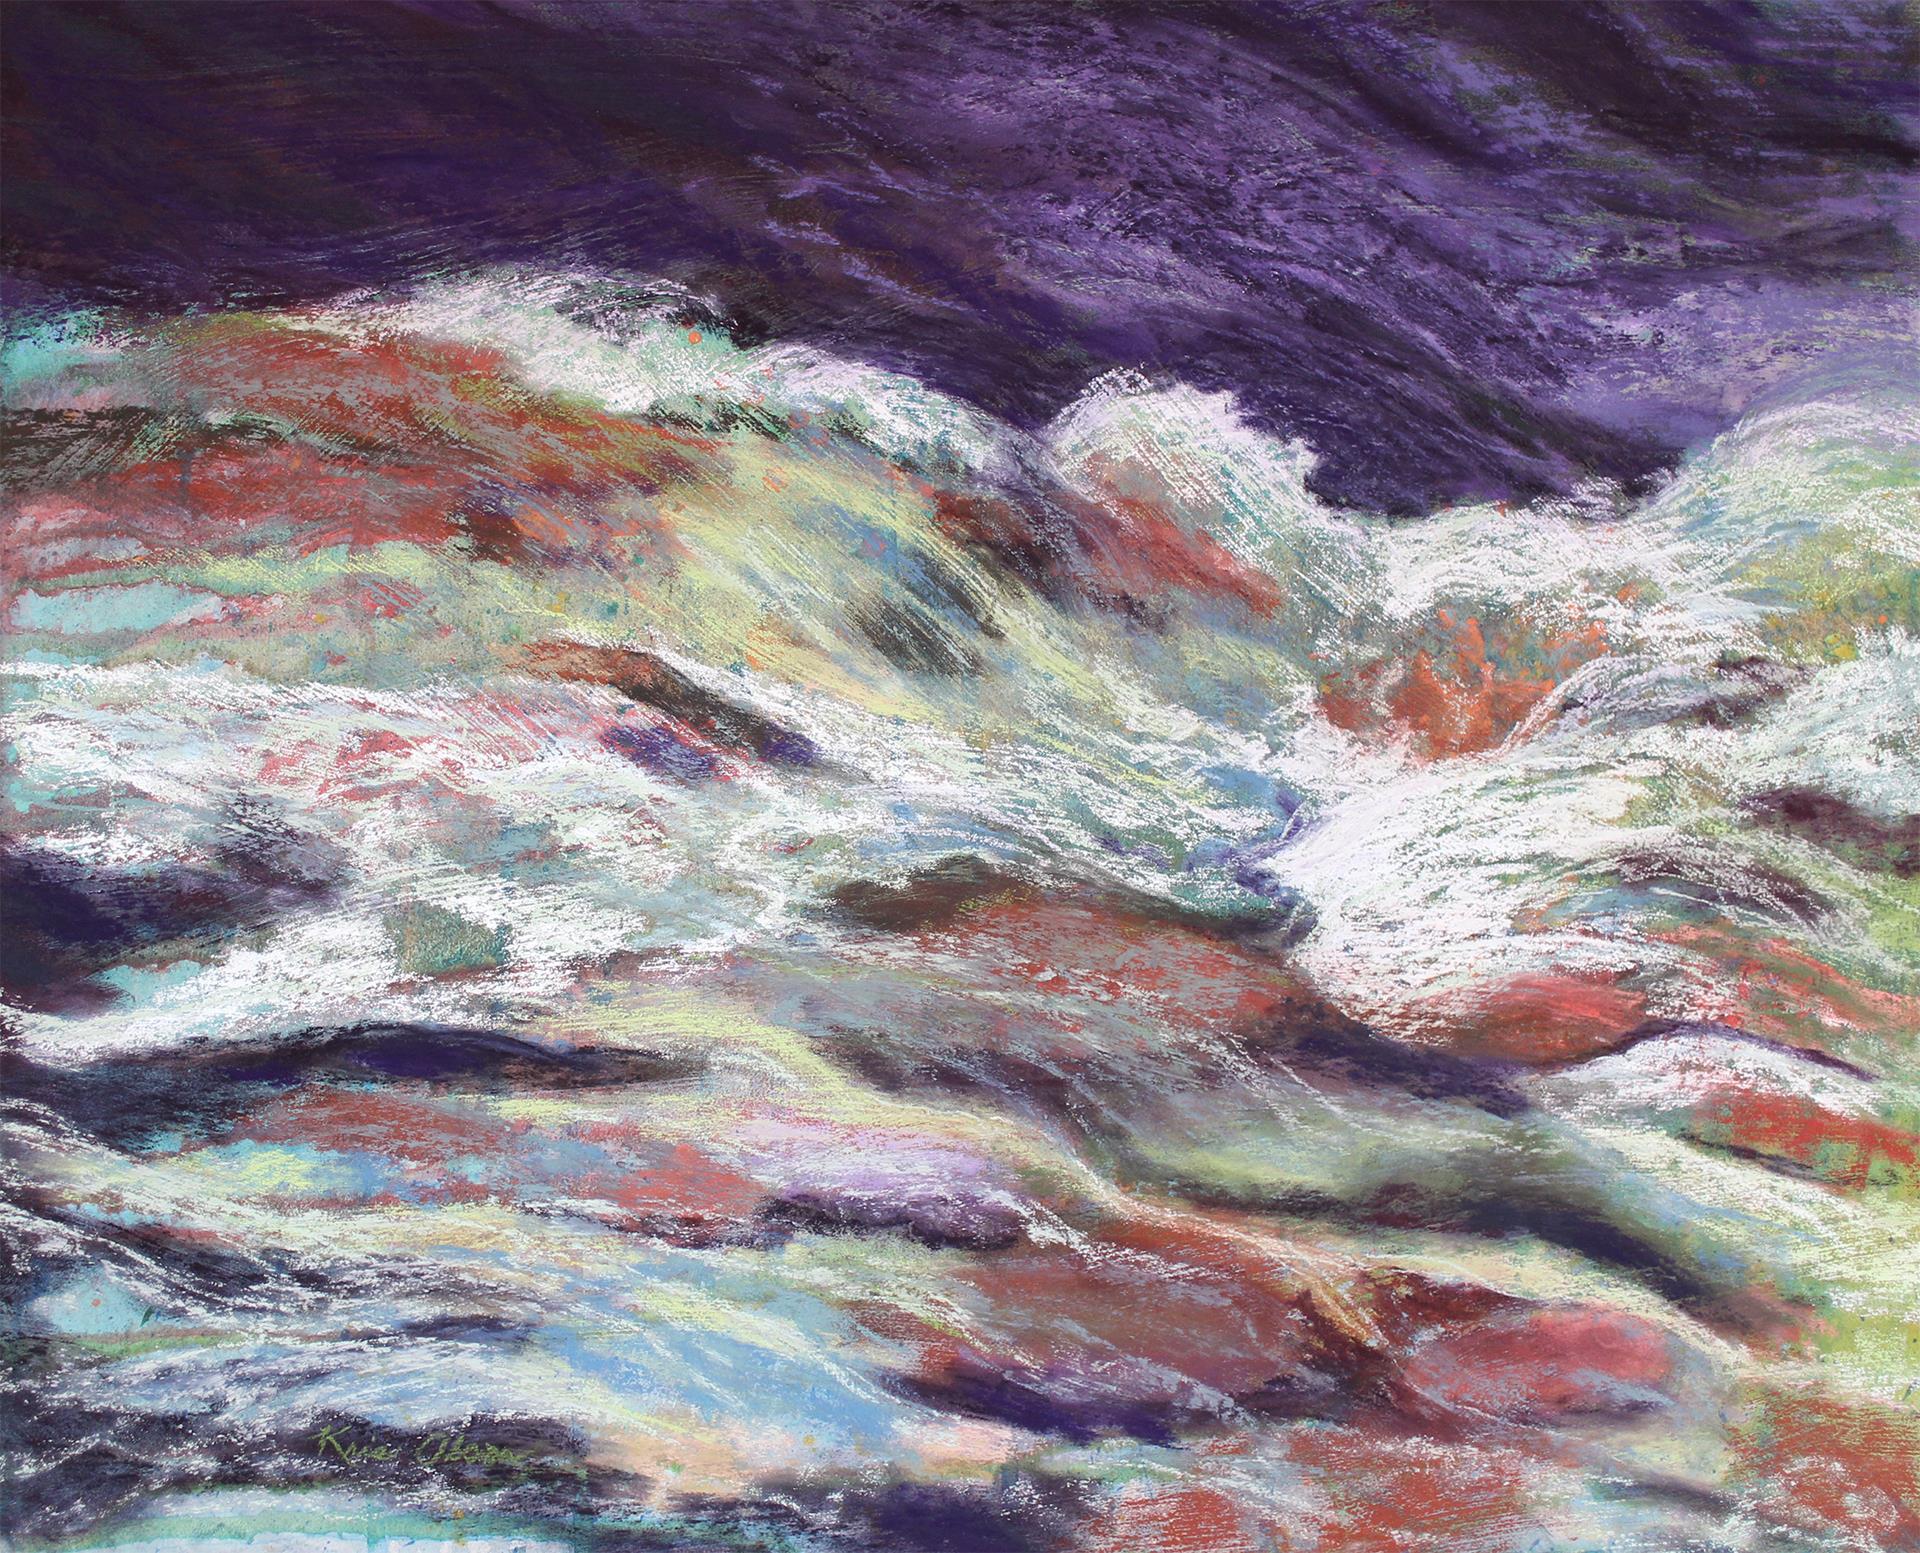 <em>Rocks in the Stream</em>